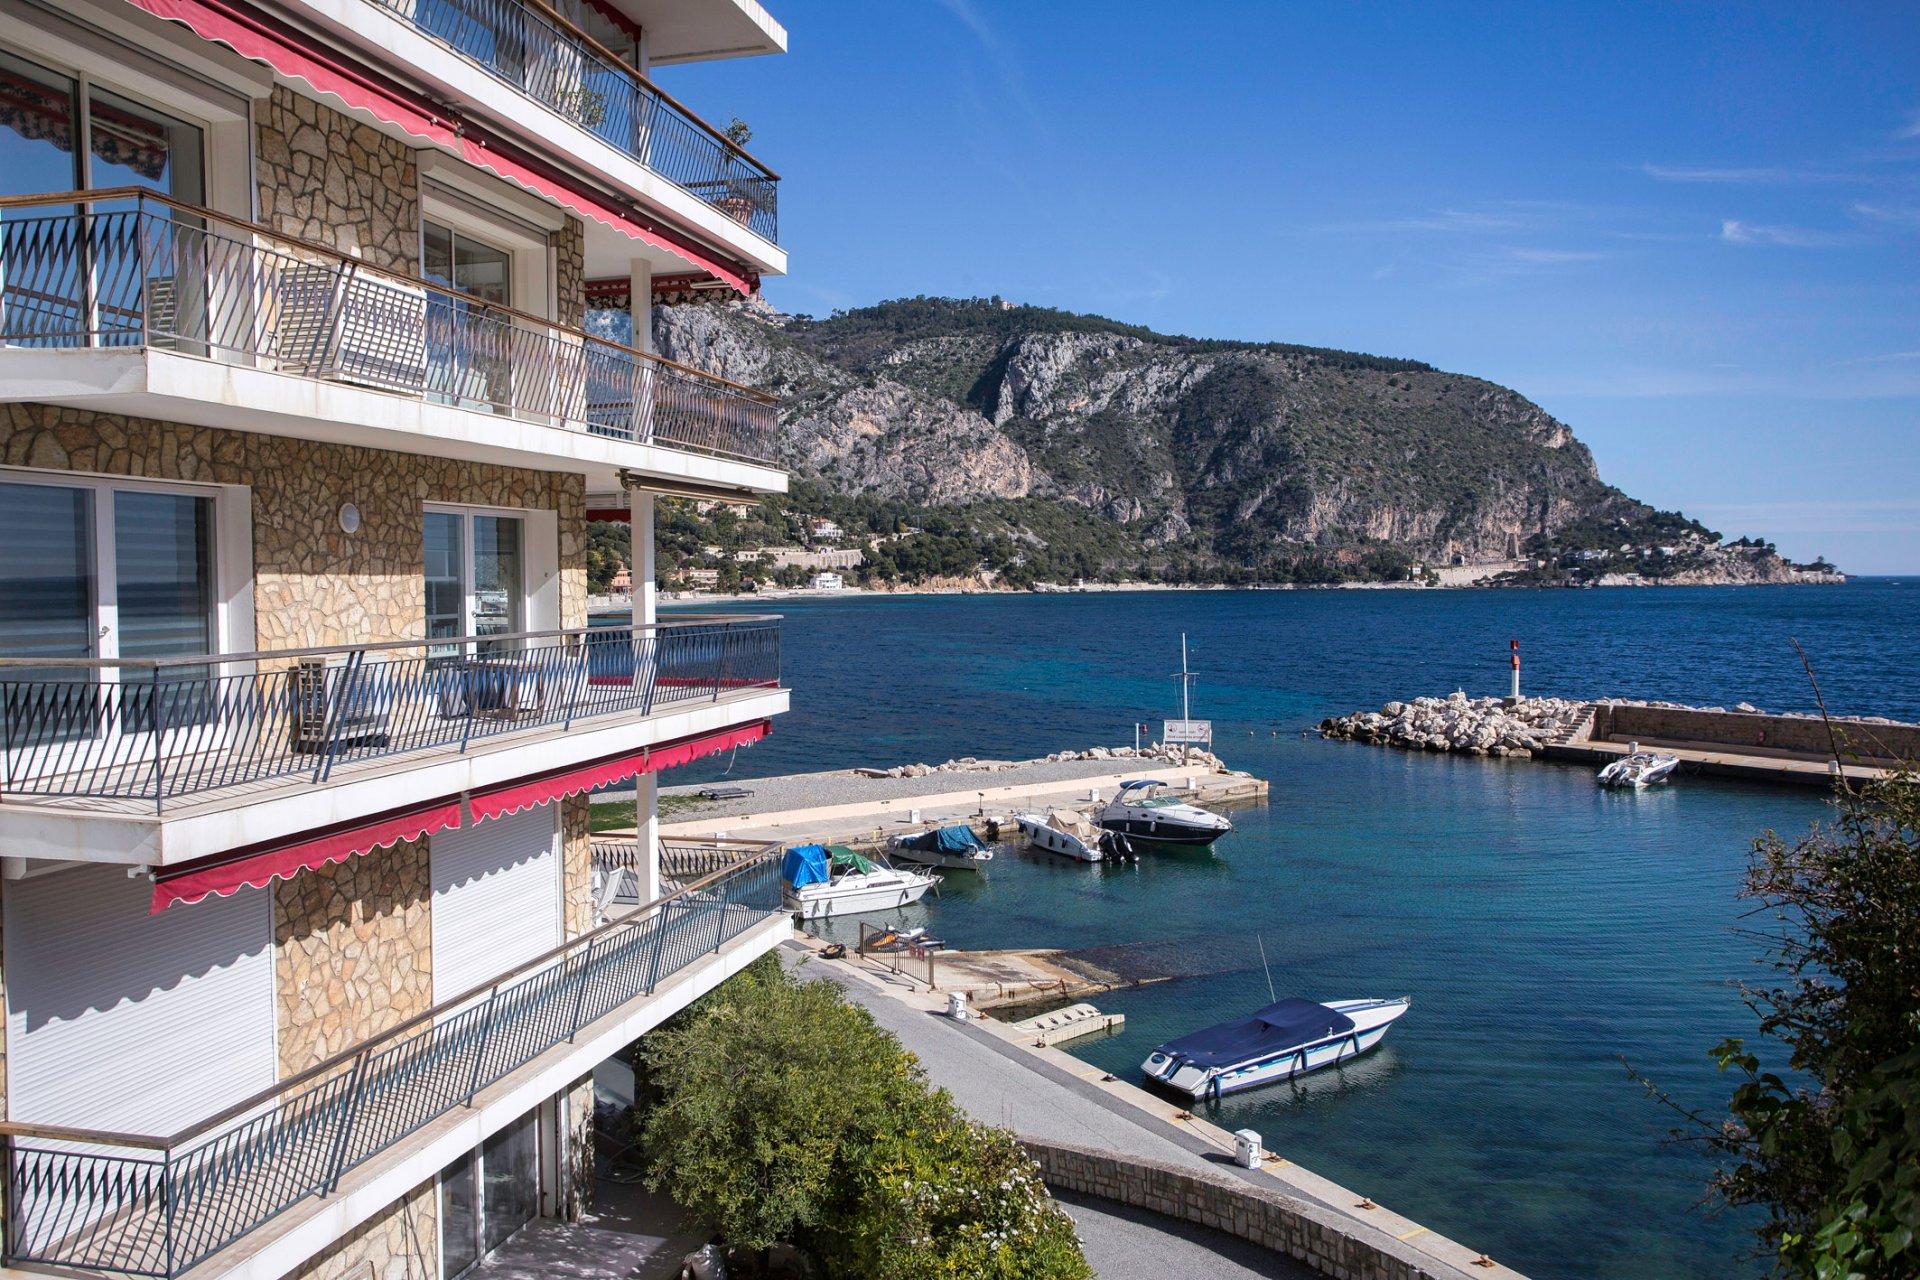 Vente appartement pieds dans l'eau Eze sur Mer